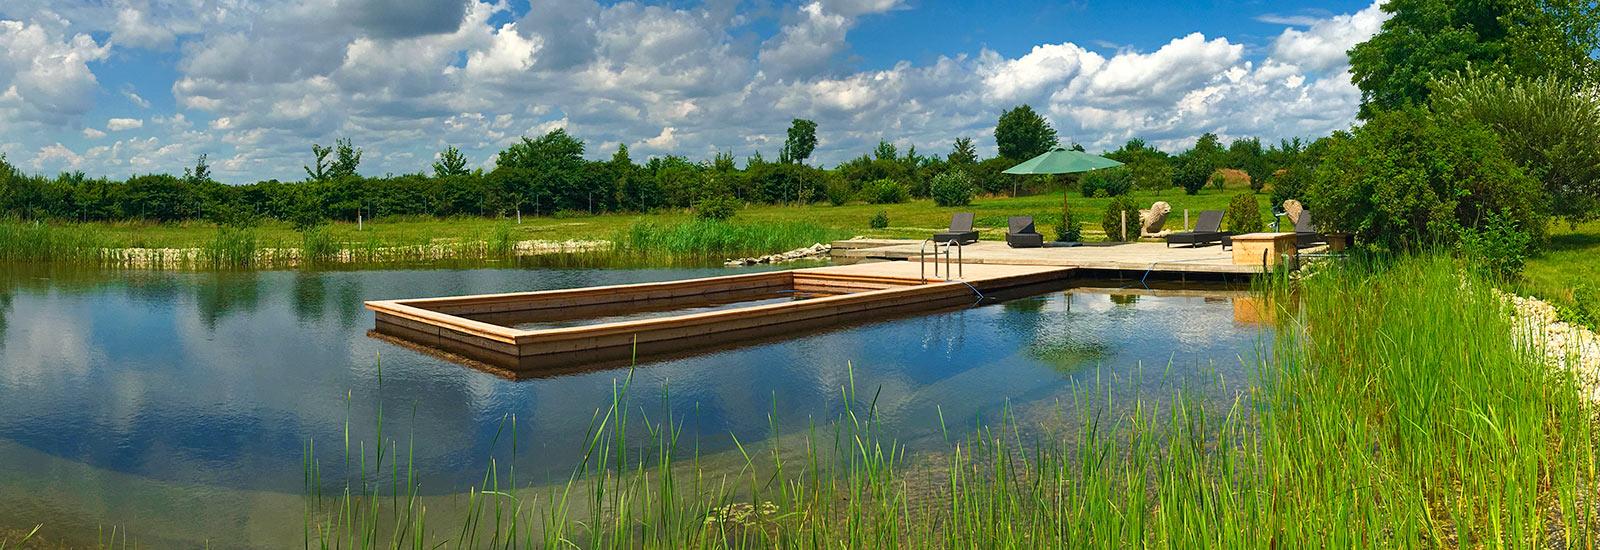 Schwimmbereich im schwimmteich naturteich see for Naturteich schwimmteich